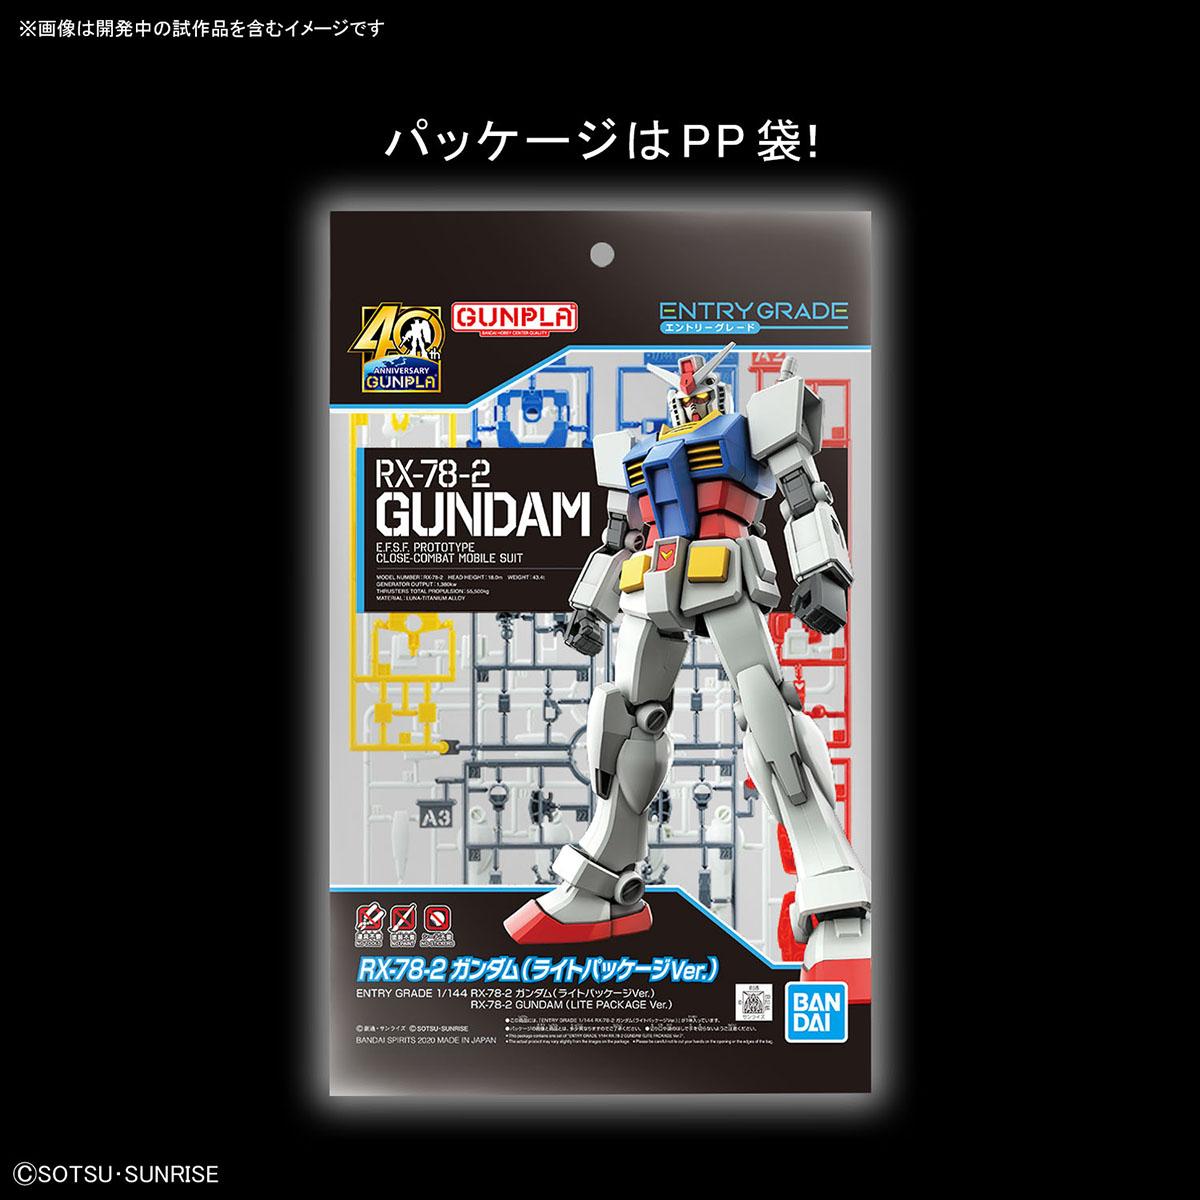 ENTRY GRADE『RX-78-2 ガンダム(ライトパッケージVer.)』1/144 プラモデル-009